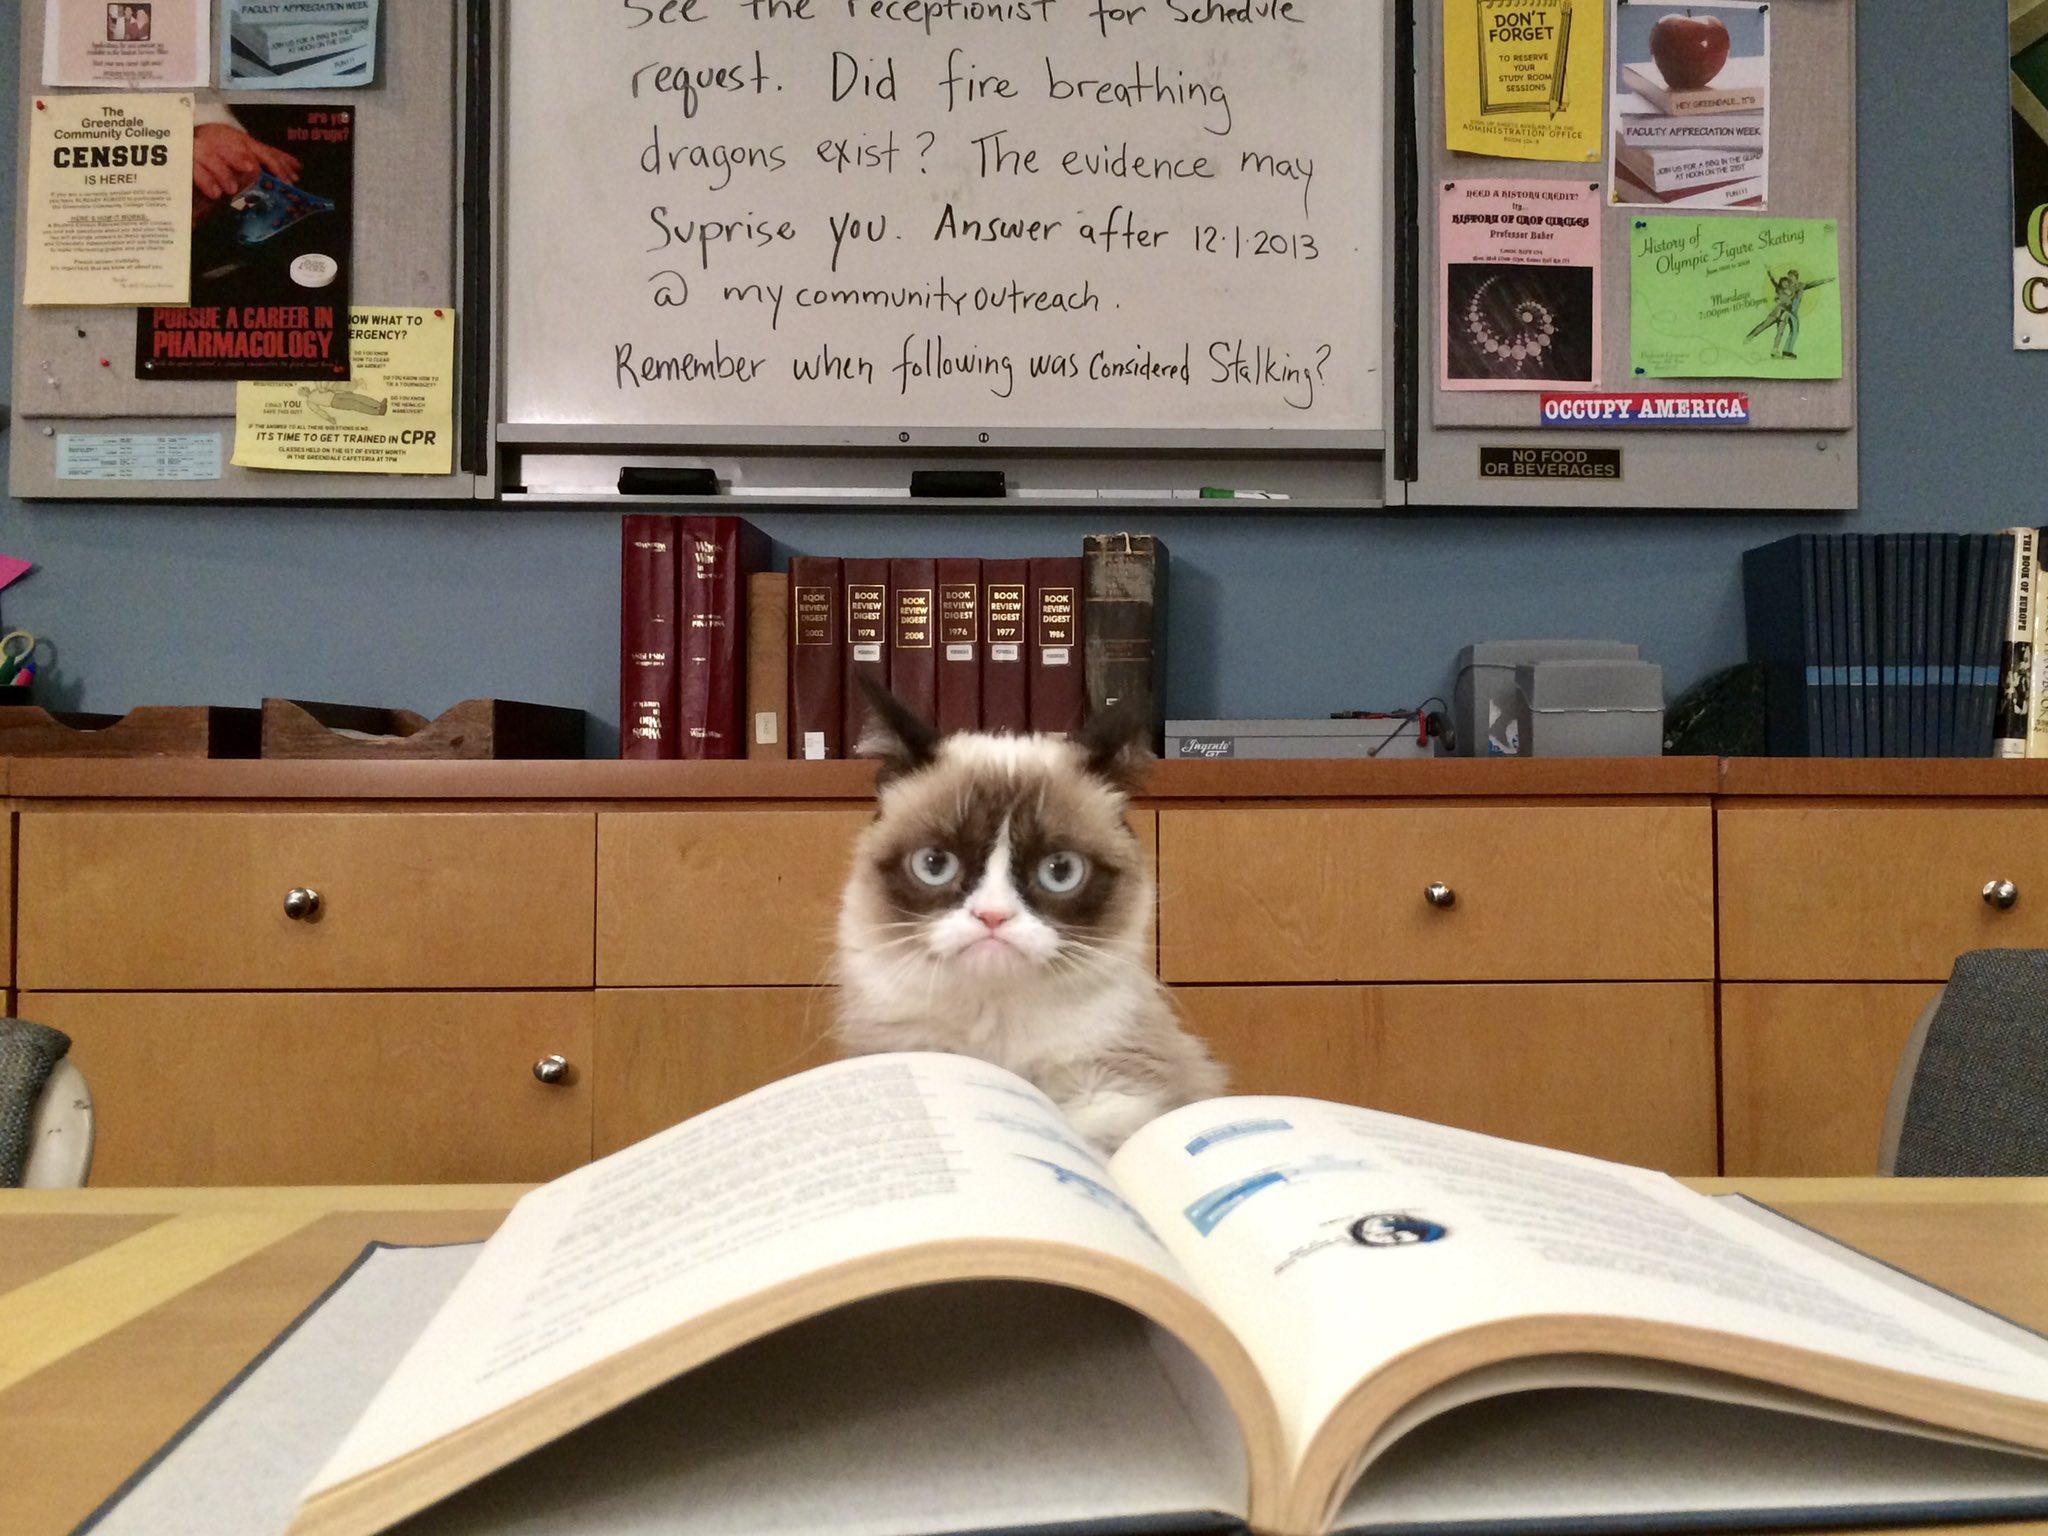 Днем рождения, смешная картинка про учебу